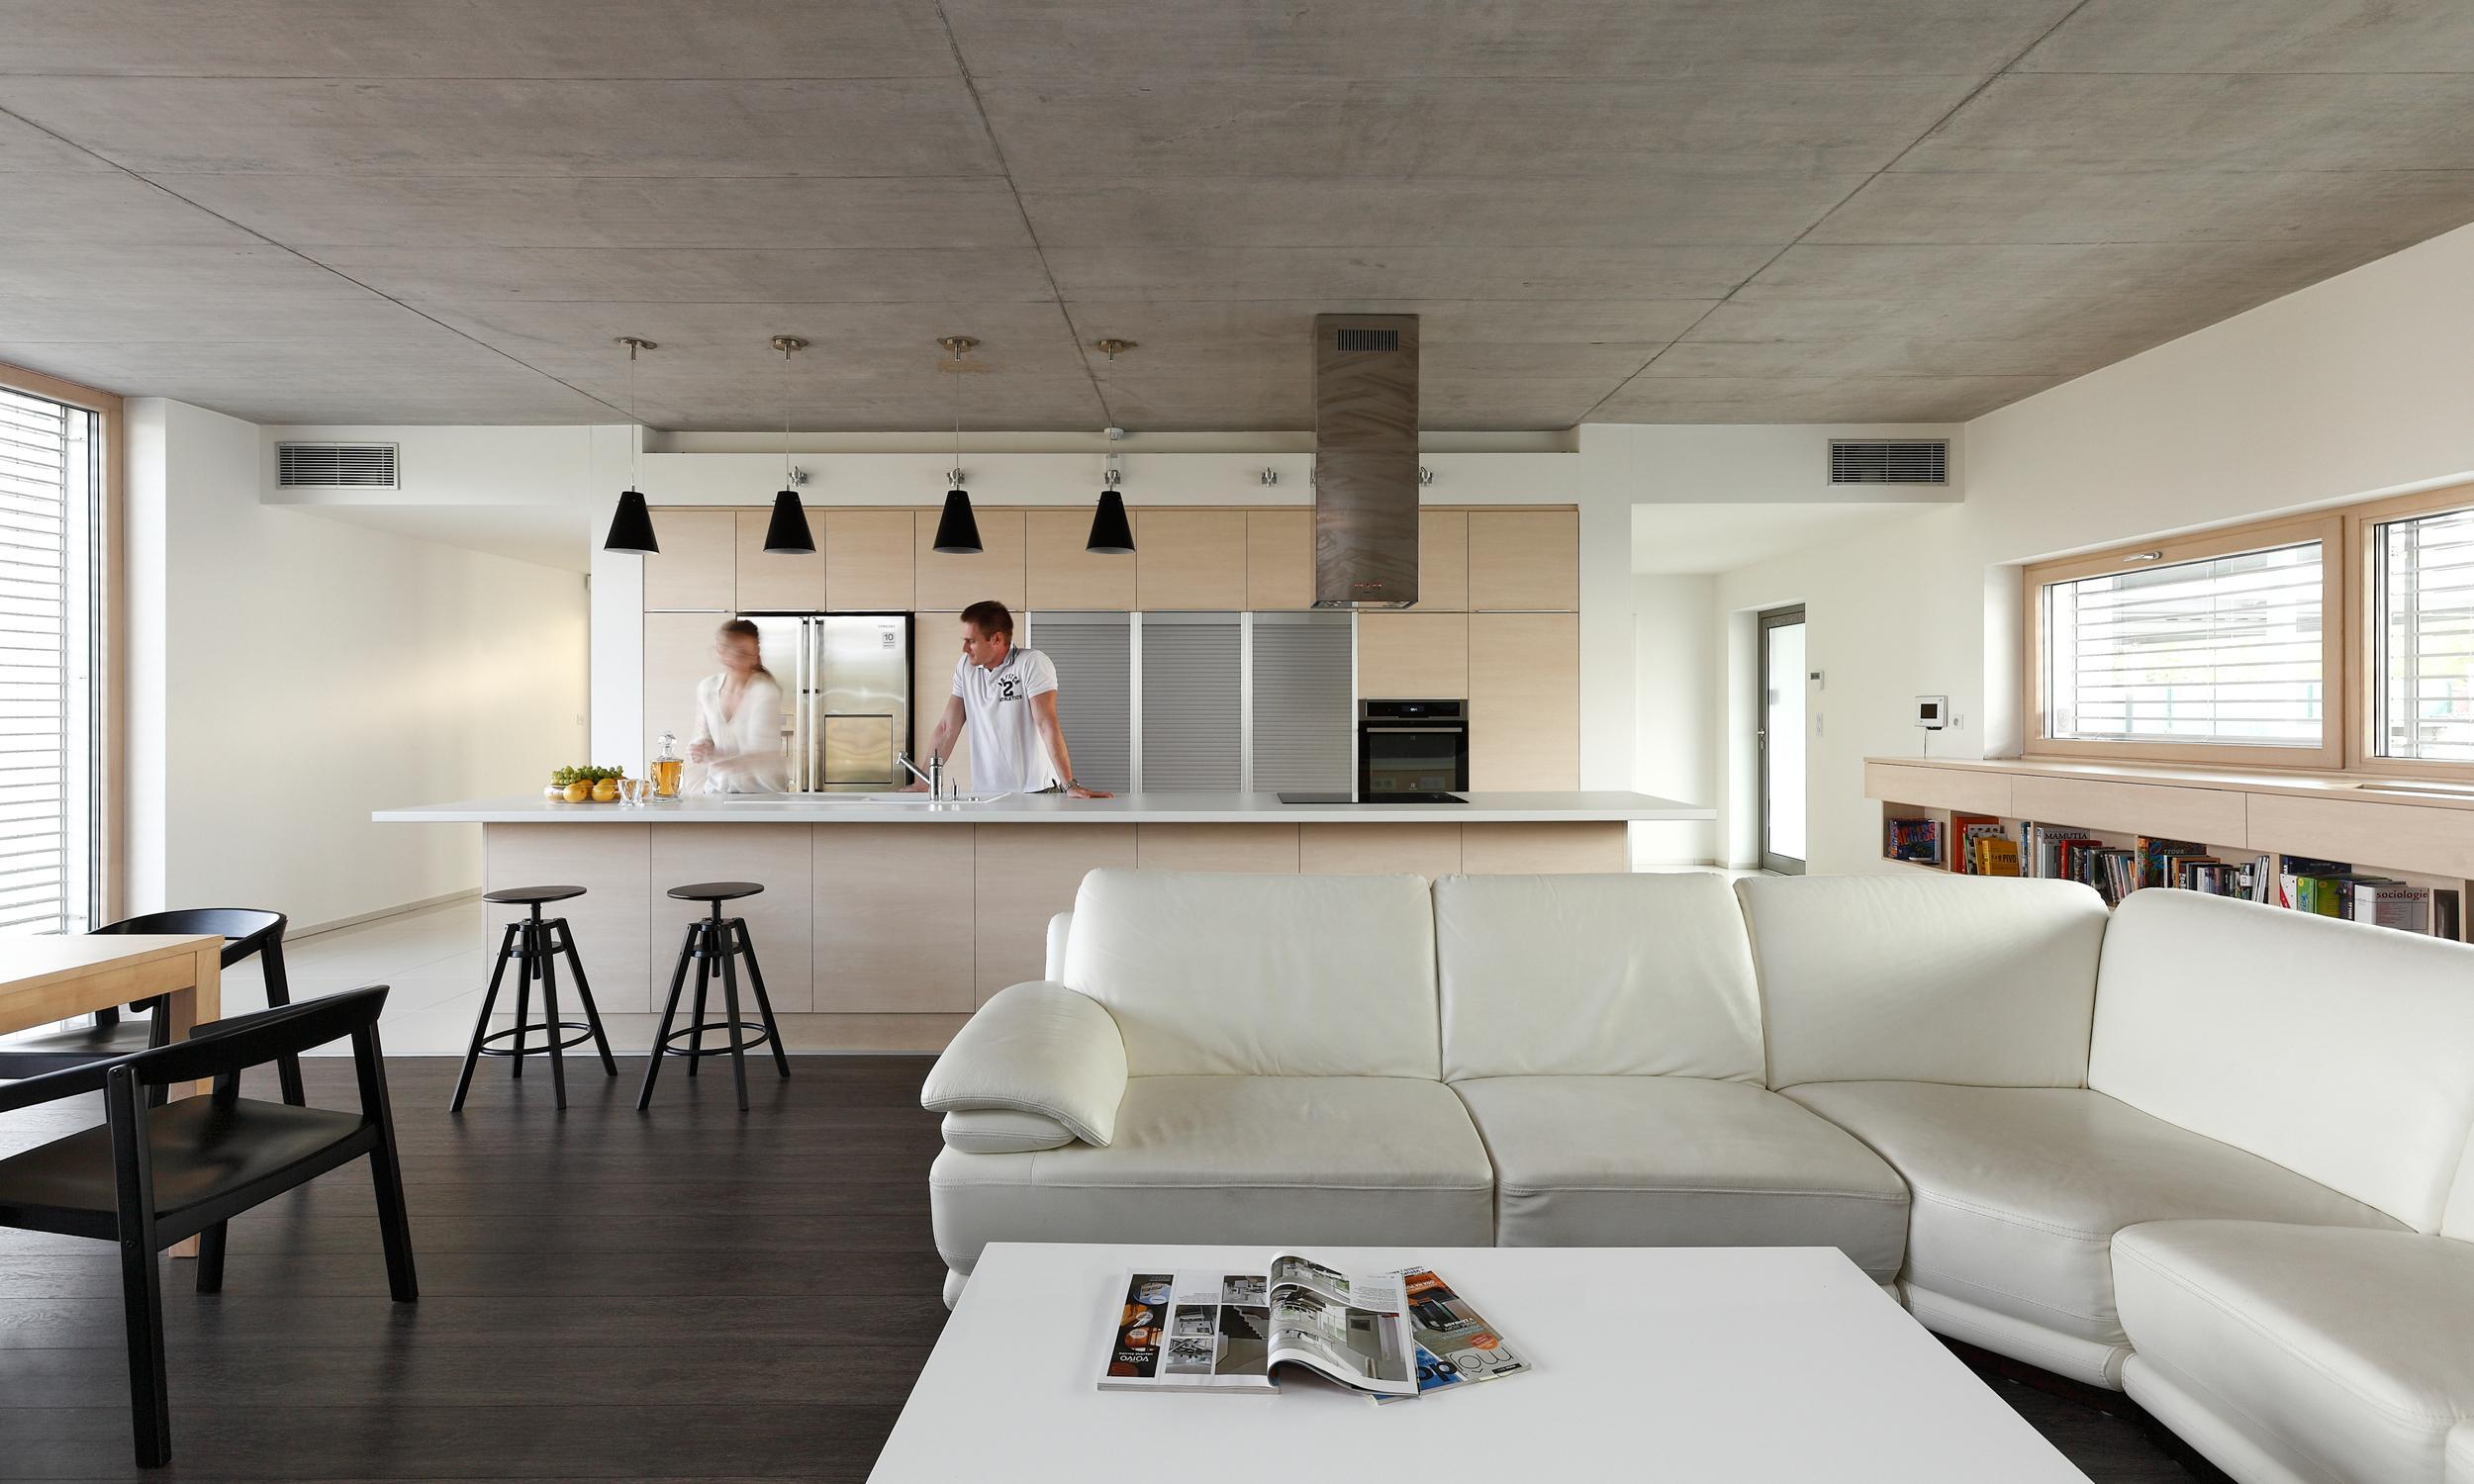 Modernes Interieur im Bungalow mit Sichtbetondecke ...